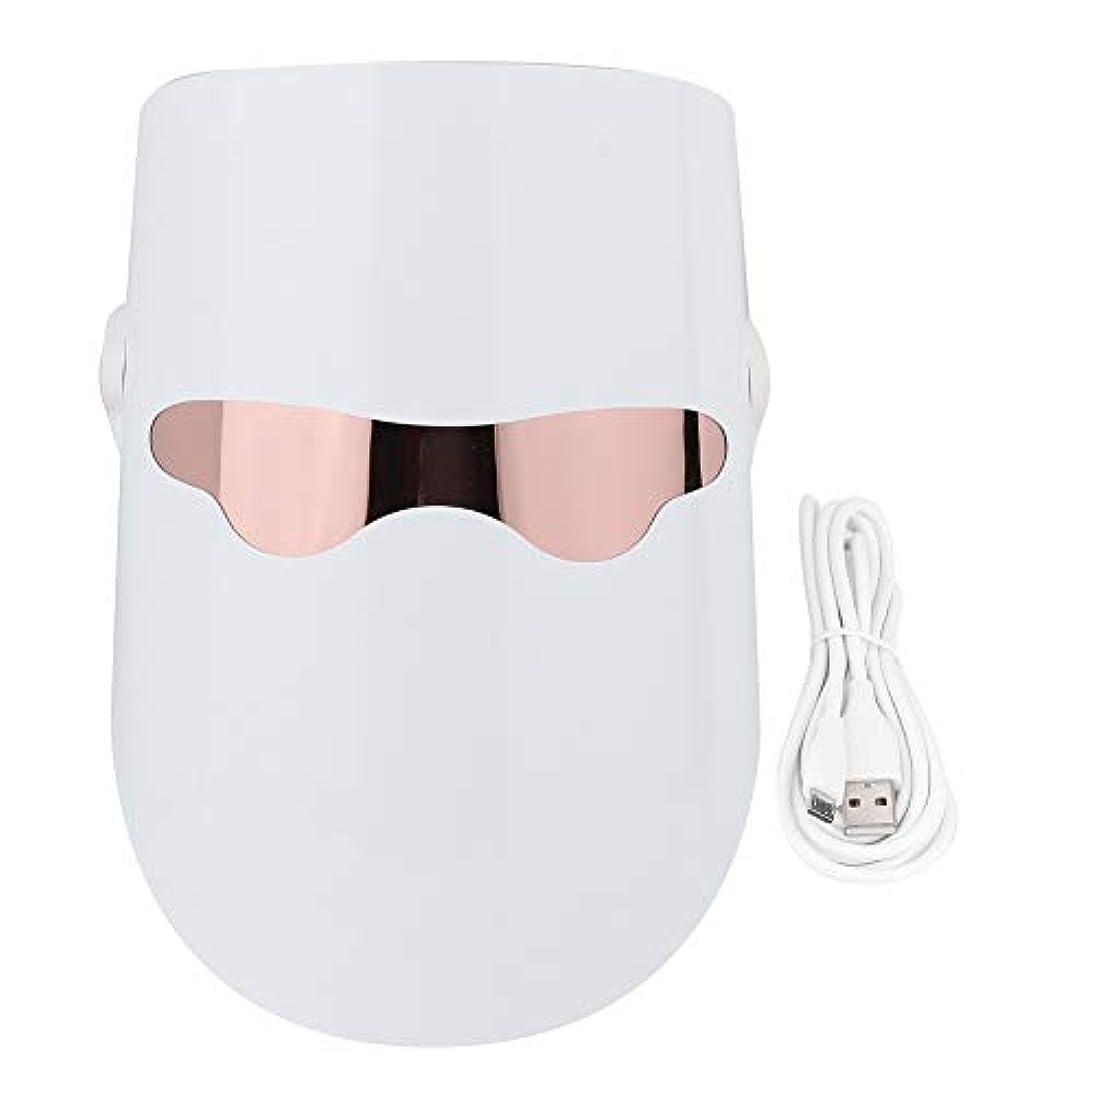 ロック解除人気満員3色フェイスマスクLEDフォトンフェイススキンケア保湿アンチエイジングタイトニングホワイトニング栄養吸収加熱肌若返り美容機